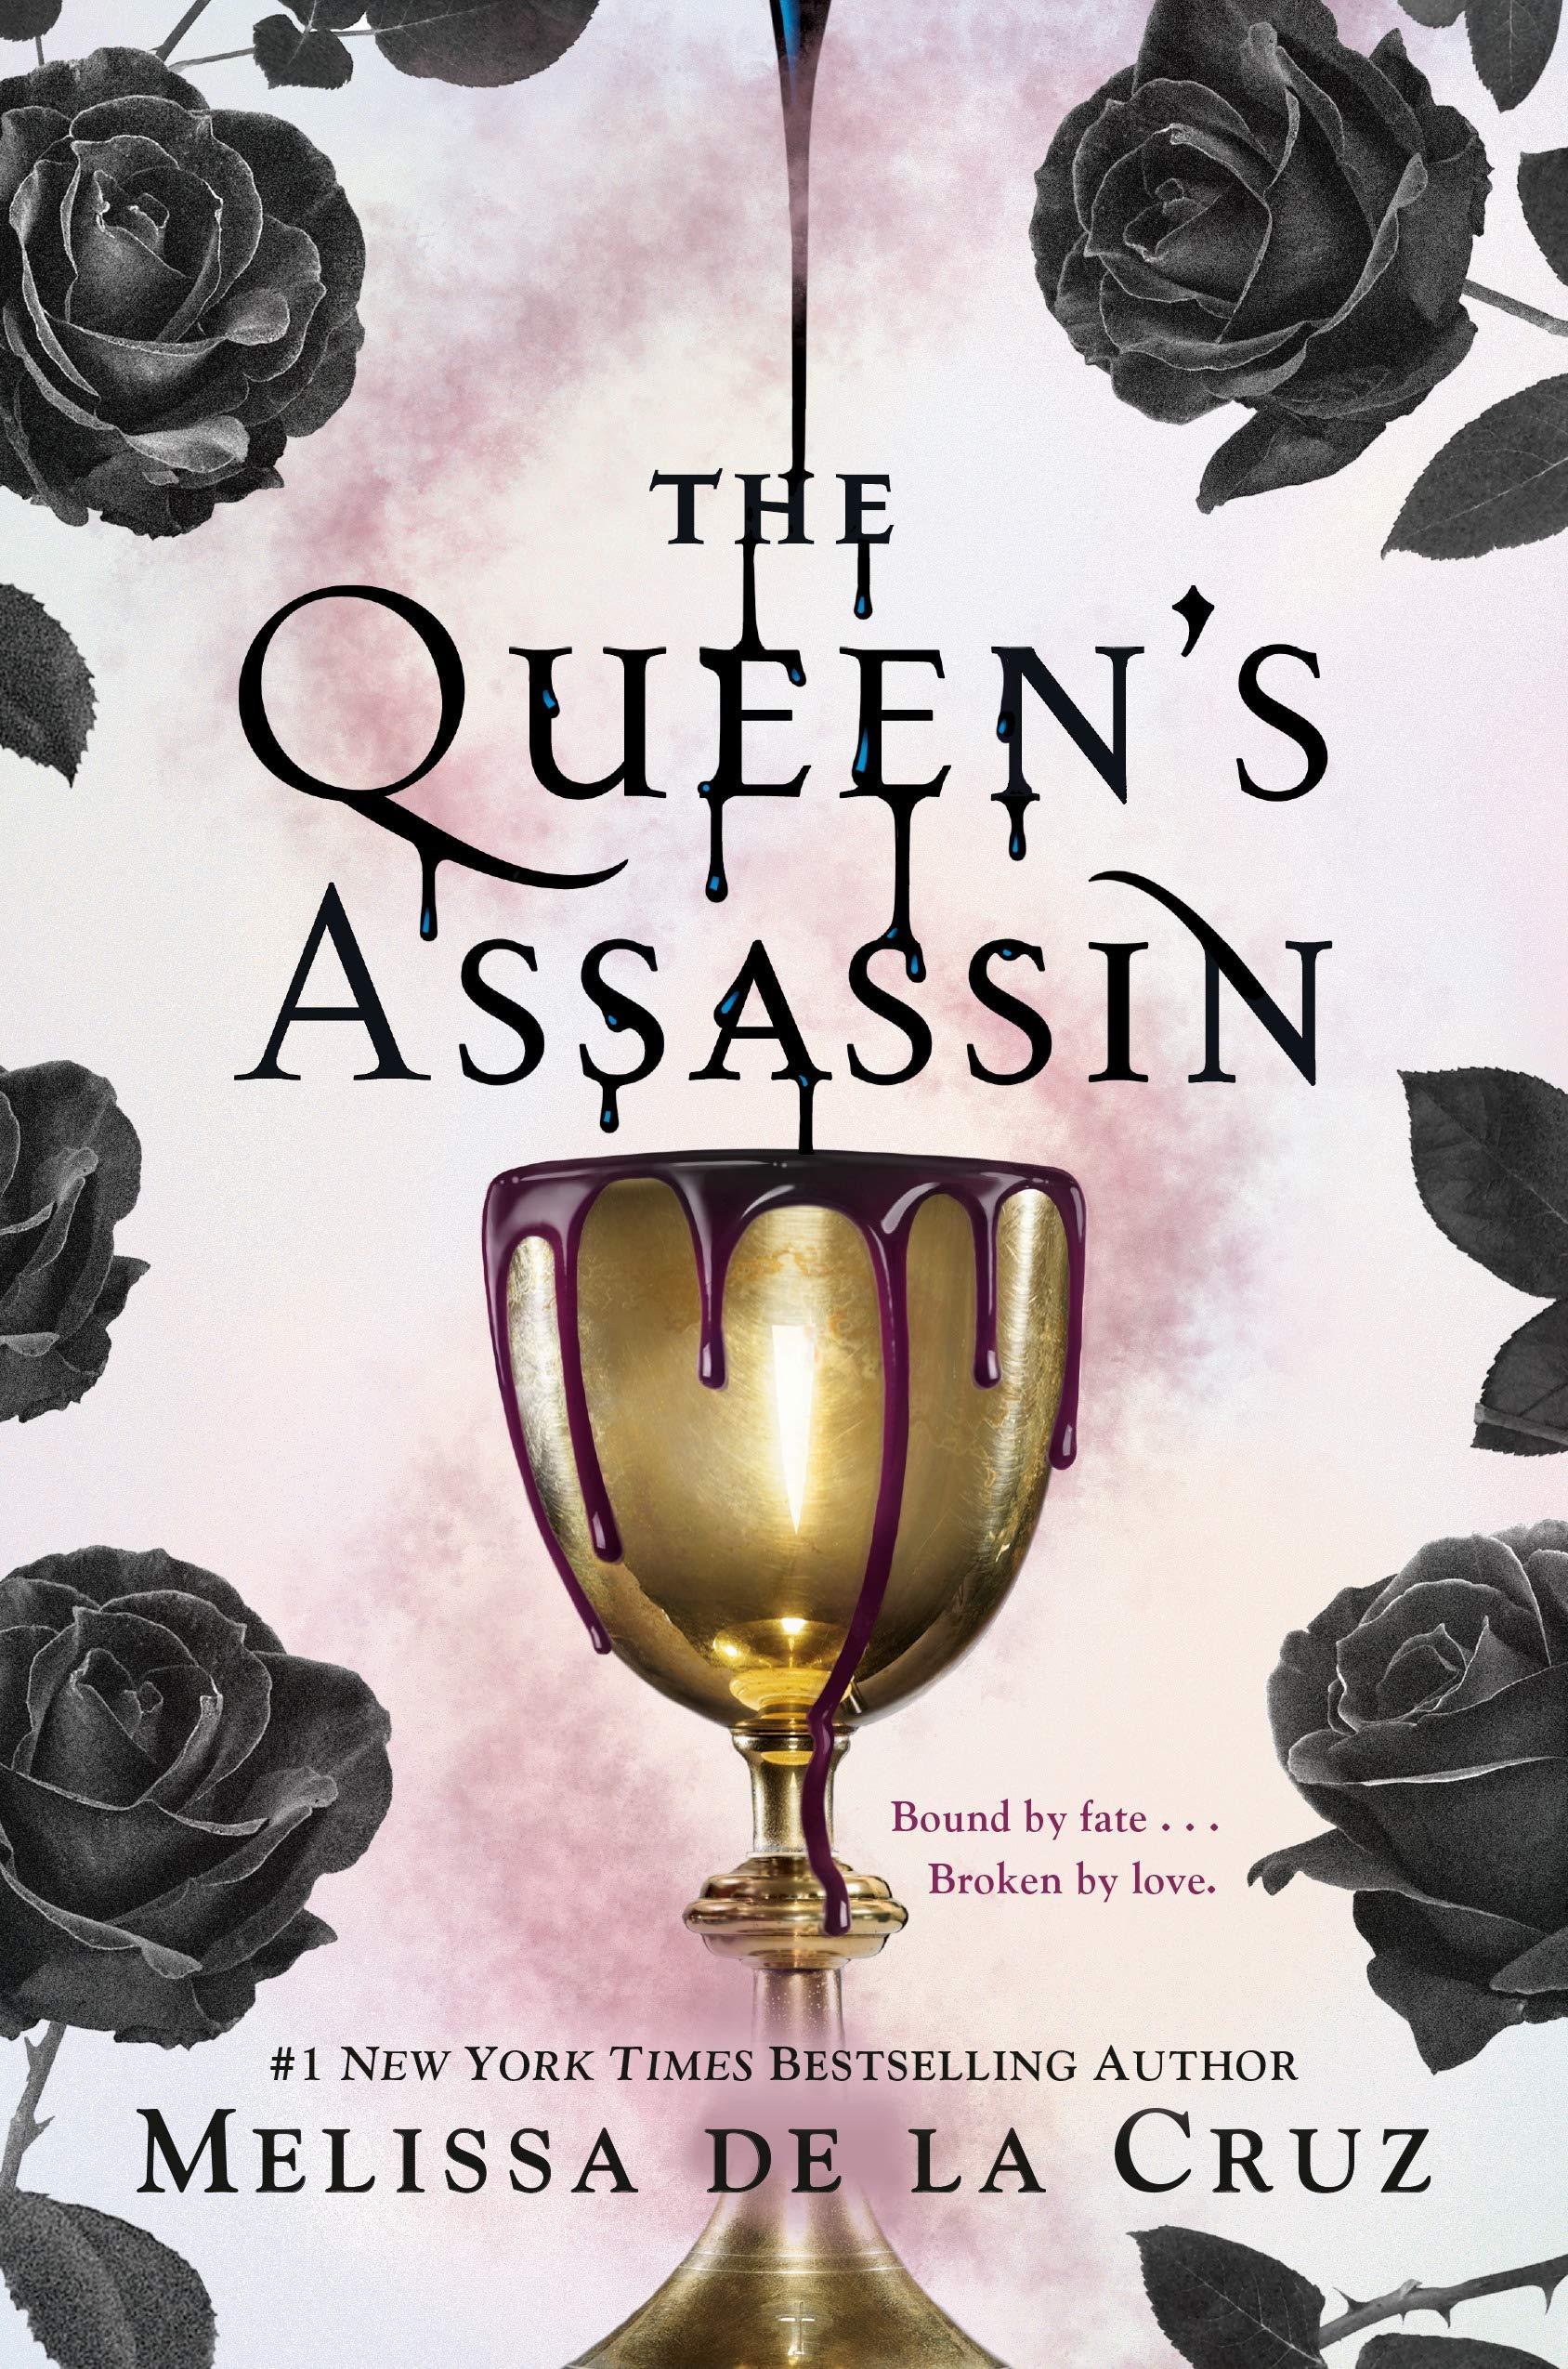 Amazon.com: The Queen's Assassin (9780525515913): de la Cruz, Melissa: Books